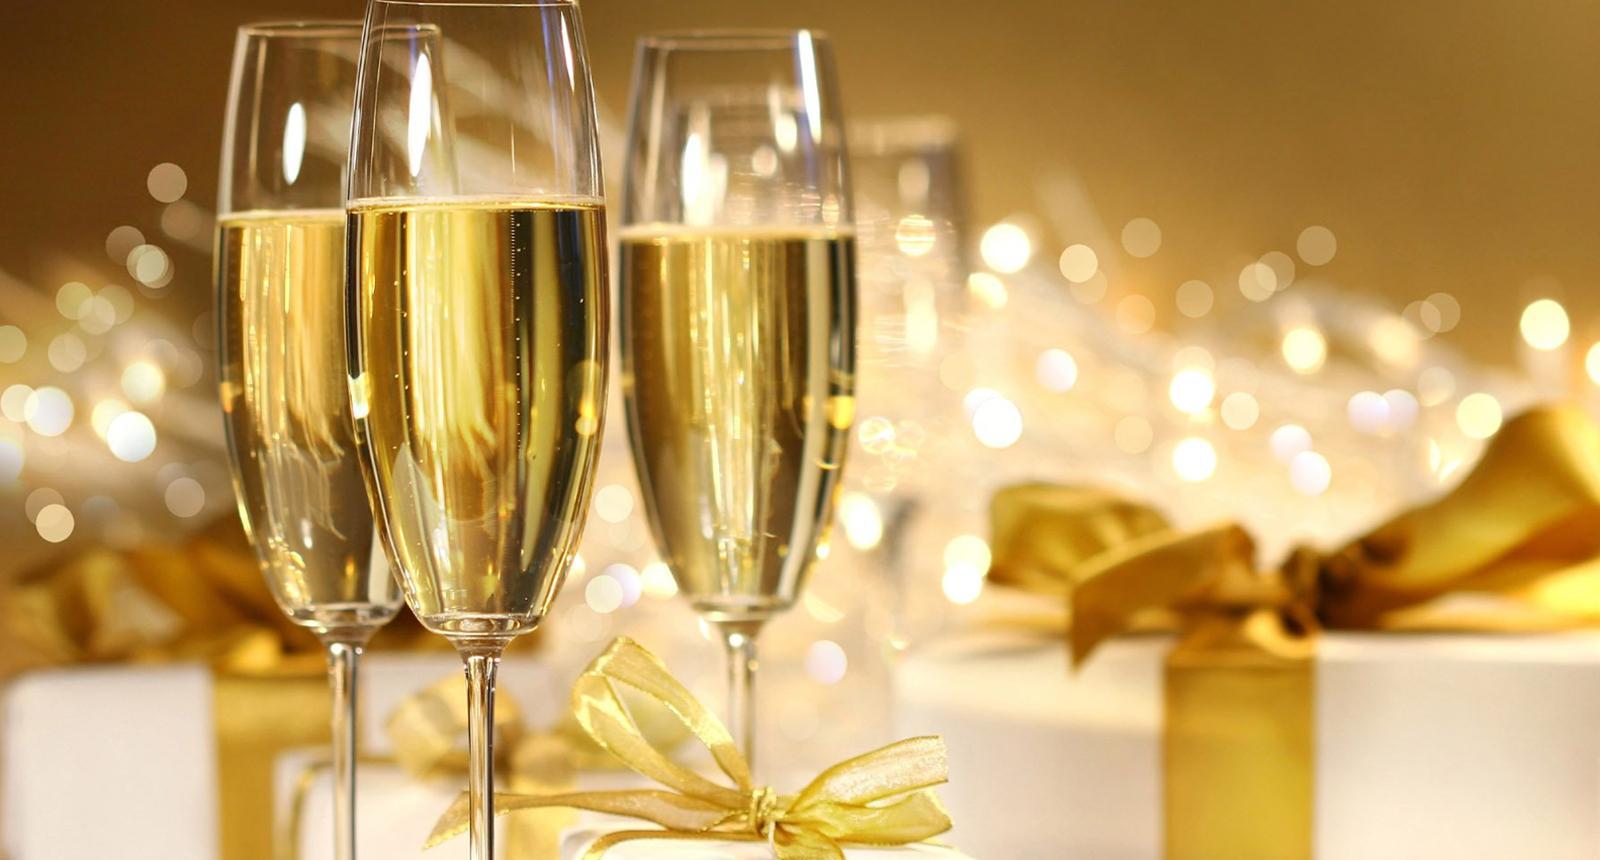 decouverte-champagne